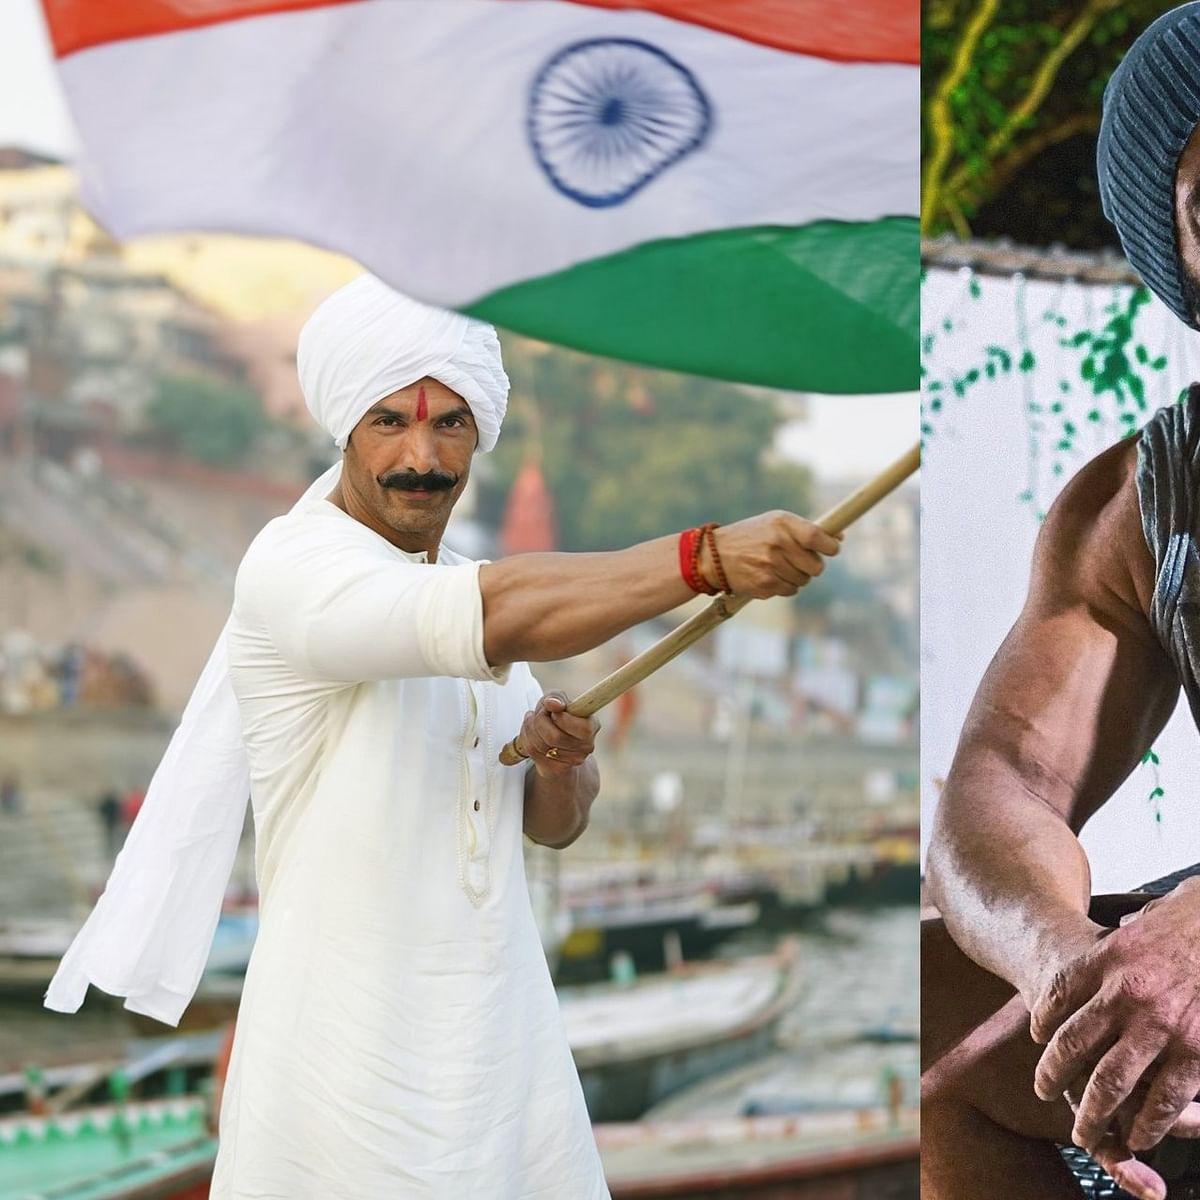 Eid 2021: John Abraham's 'Satyameva Jayate 2' to clash with Salman Khan's 'Radhe'